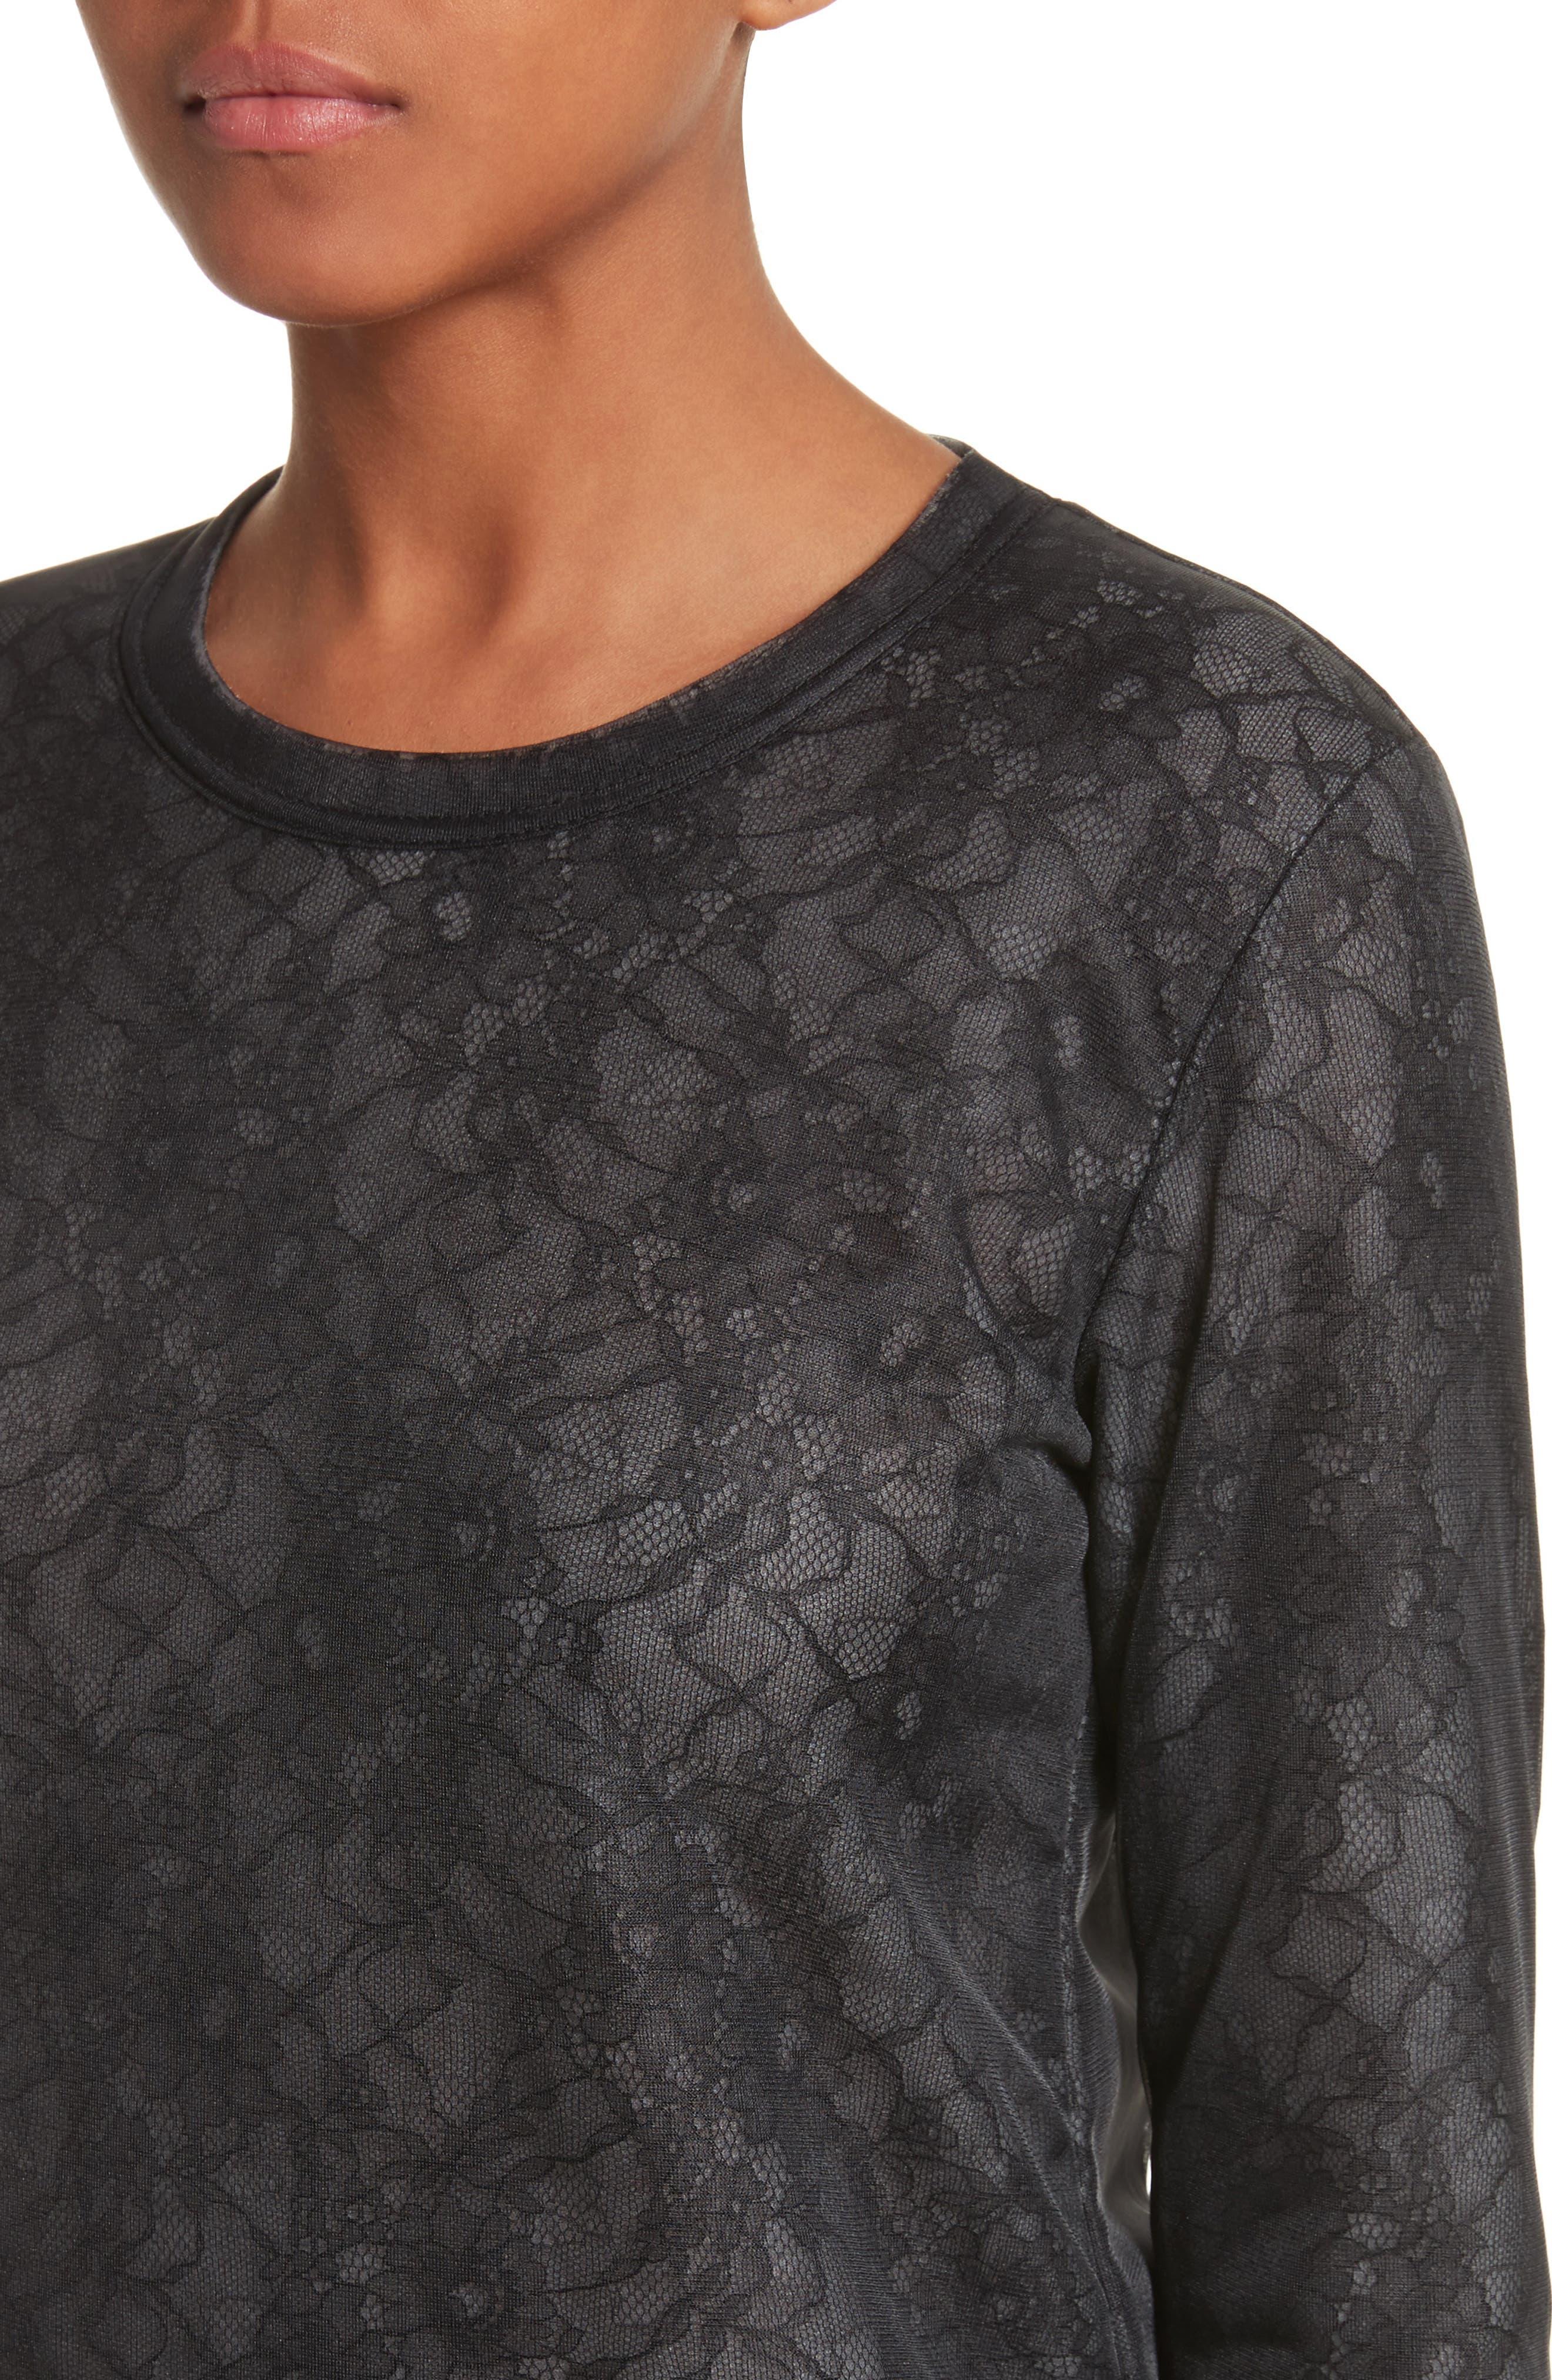 Lace Top,                             Alternate thumbnail 4, color,                             Black